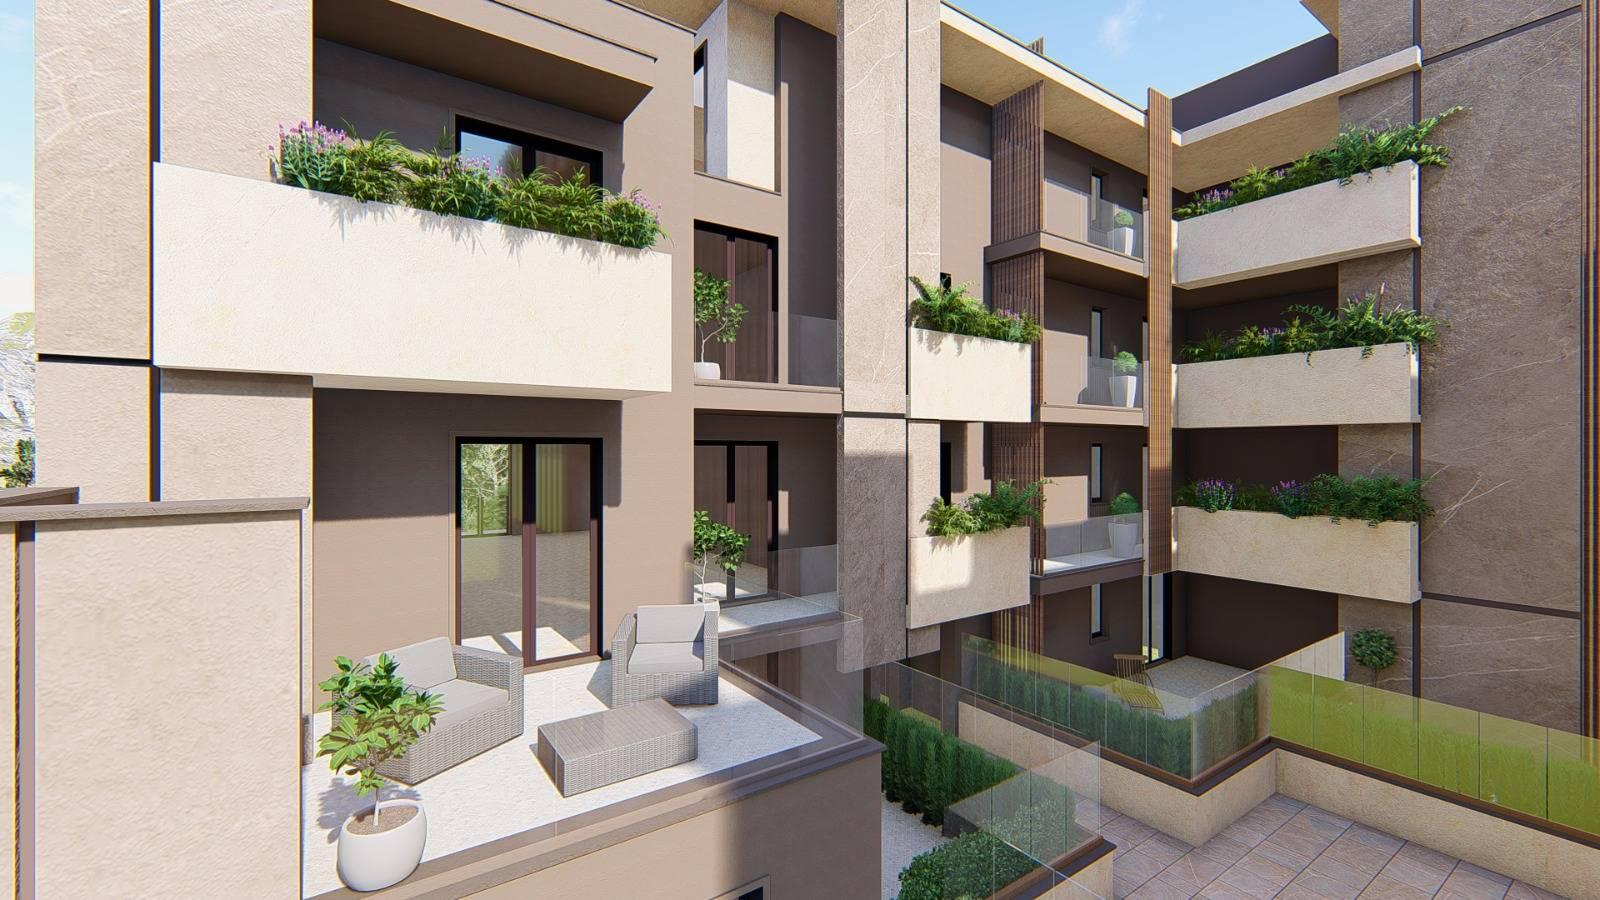 Appartamento in vendita a Brusciano, 4 locali, prezzo € 230.000 | PortaleAgenzieImmobiliari.it